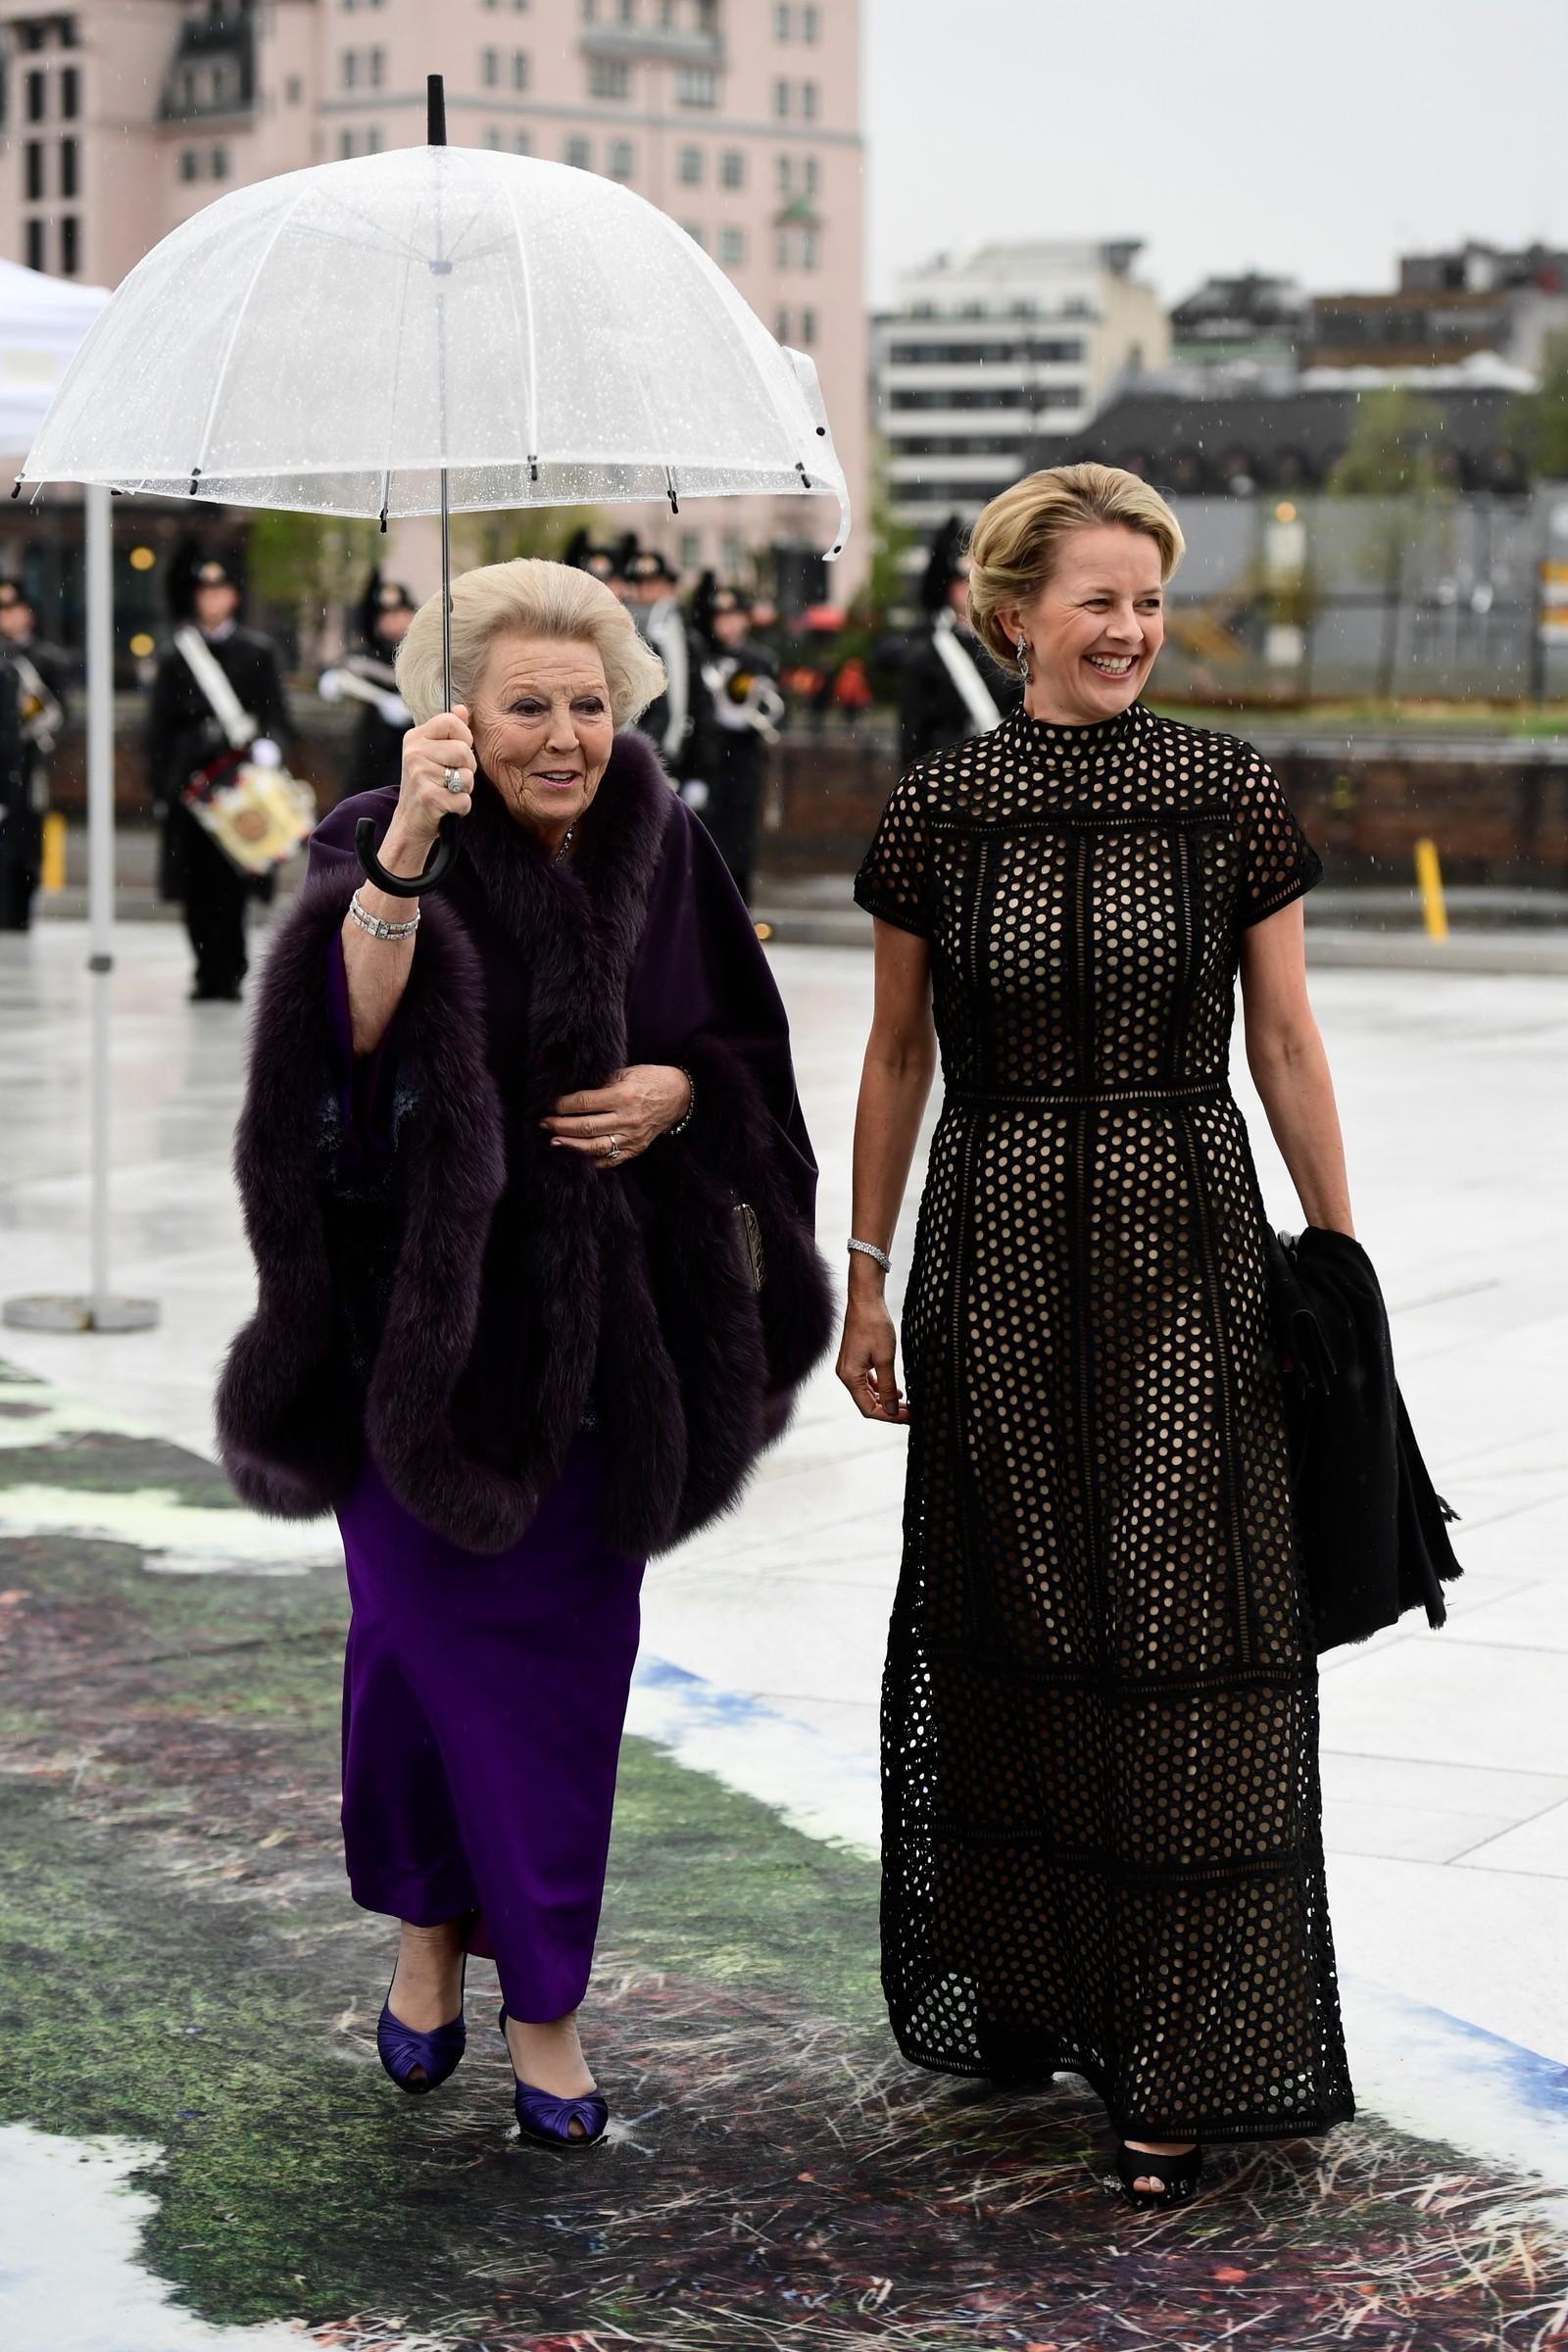 Prinsesse Beatrix av Nederland og Prinsesse Mabel av Oranien-Nassau.